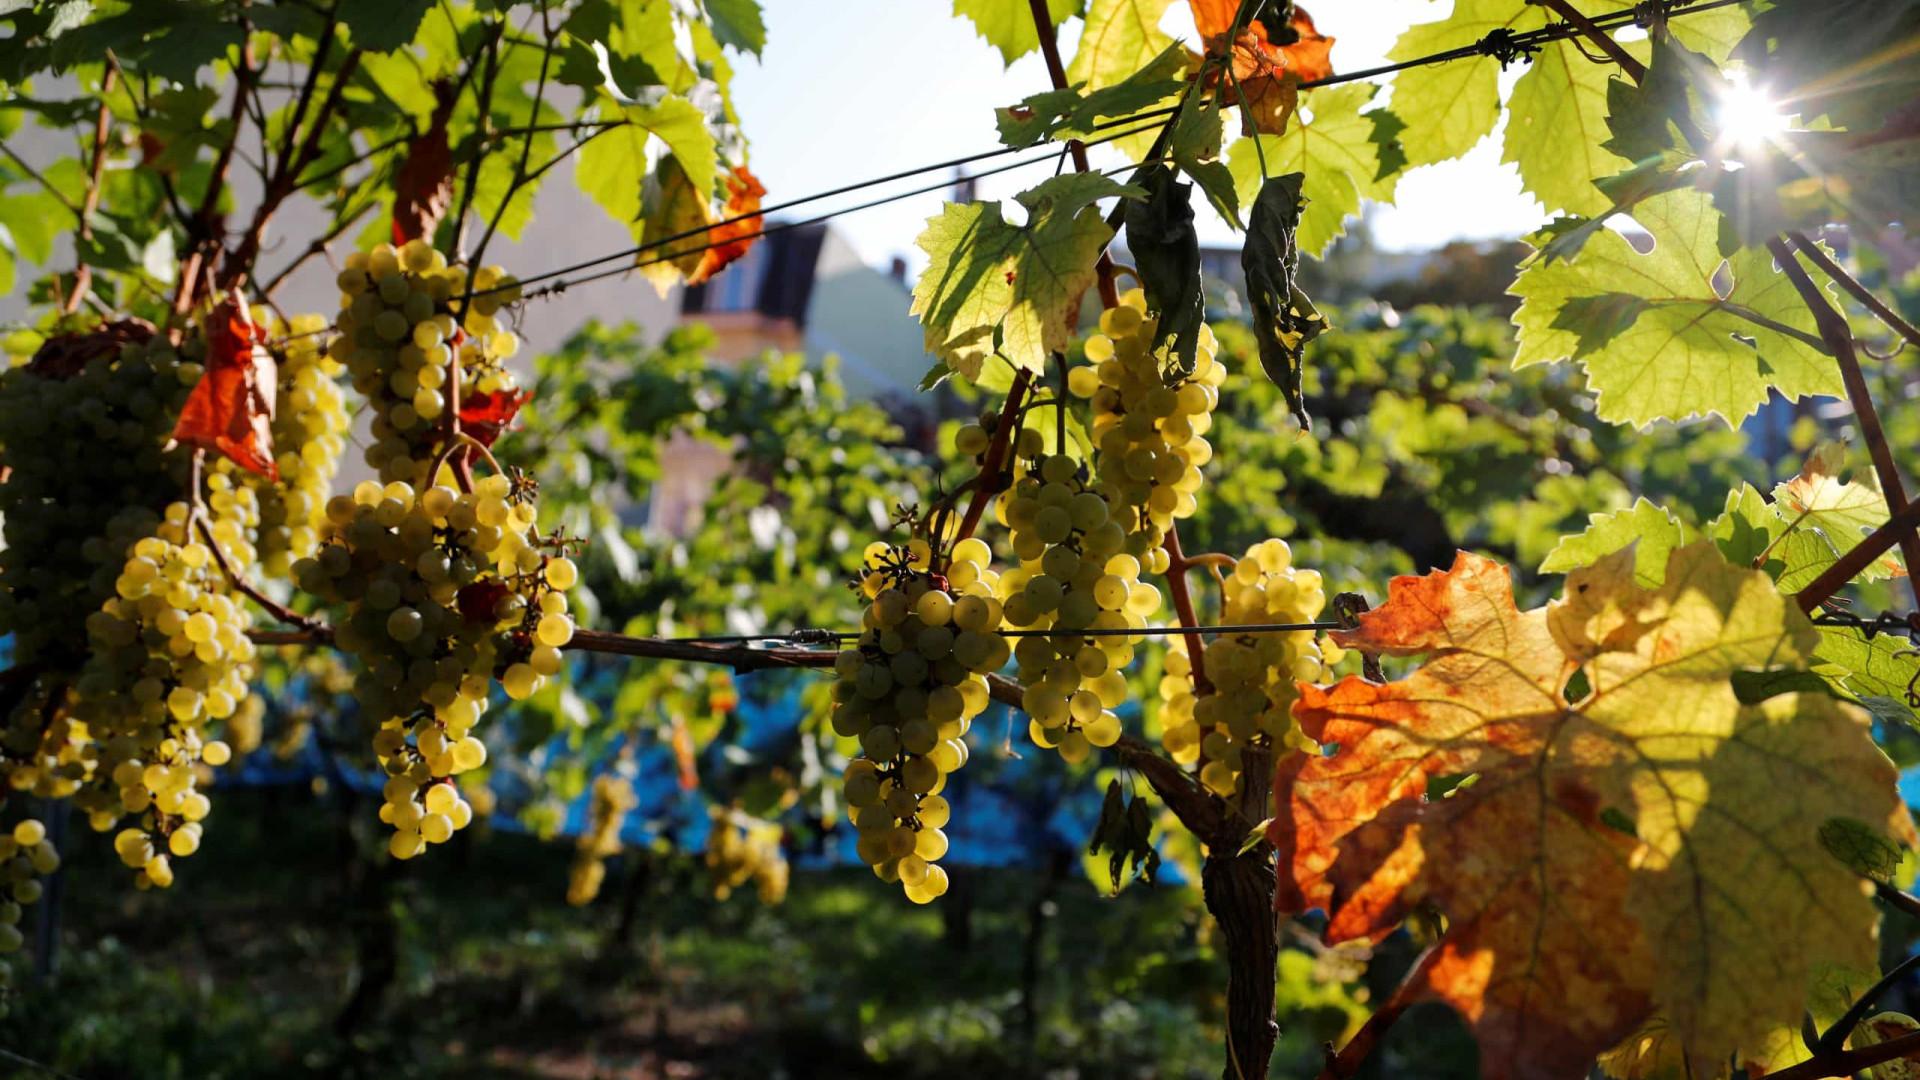 Agricultura: Brasil autoriza importação de uva e alho do Egito